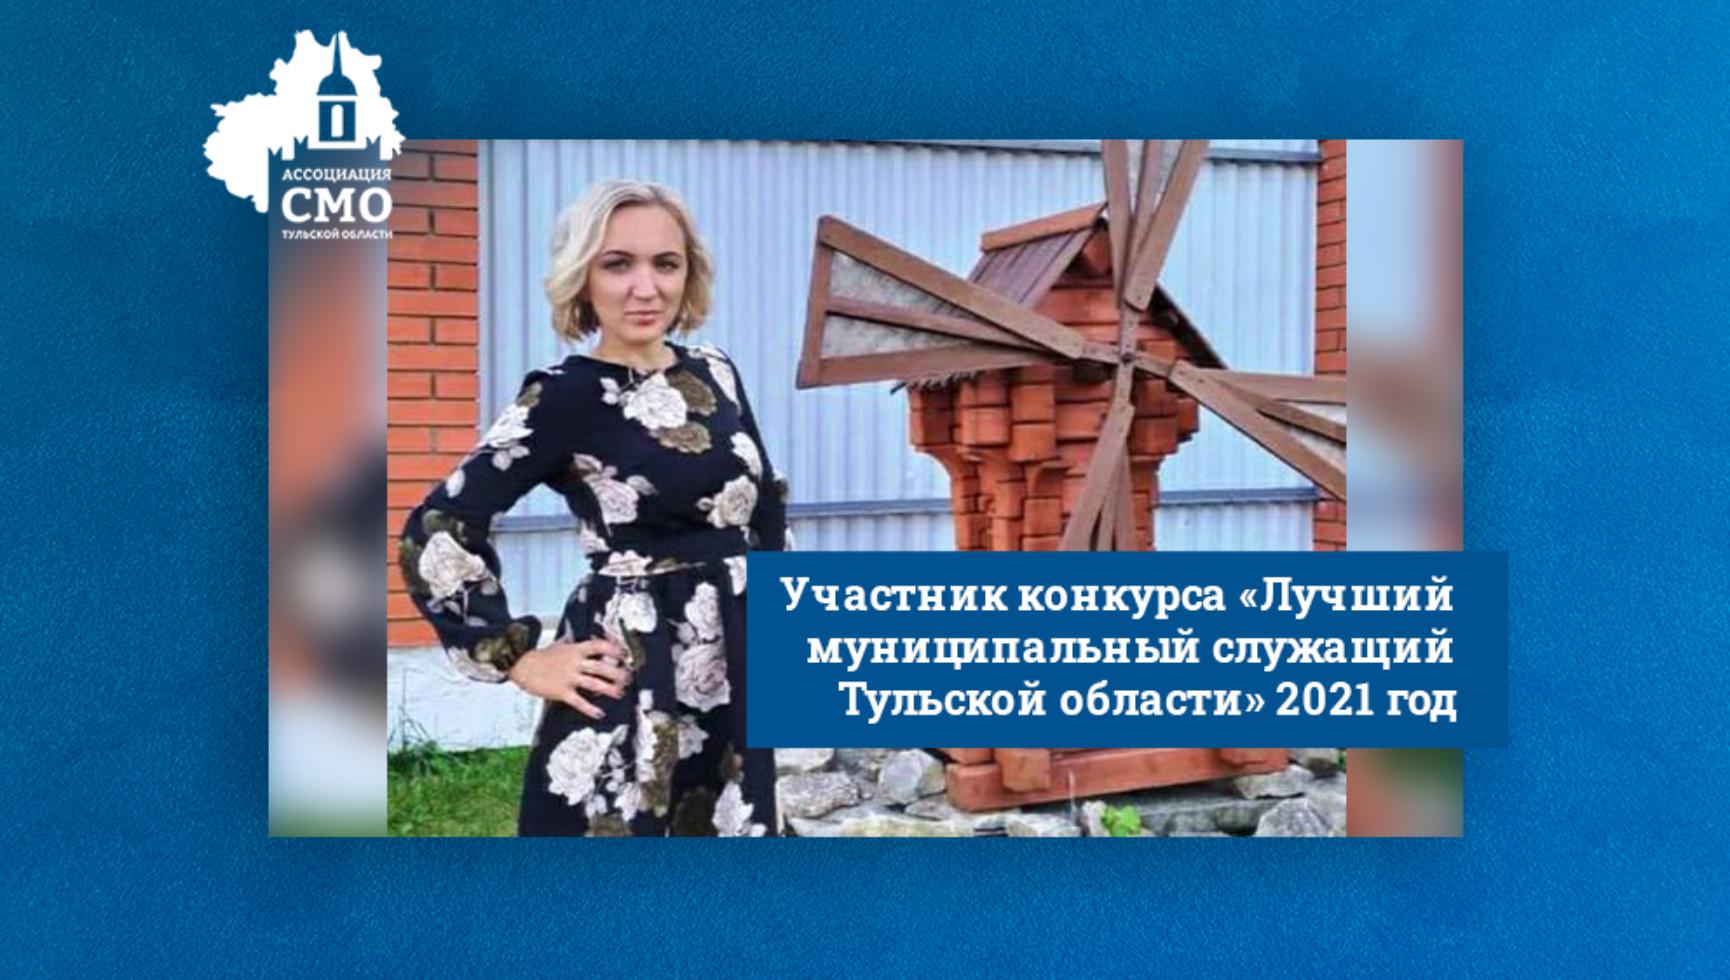 «Помощь гражданам – цель моей работы»: молодой специалист из Богородицка участвует в конкурсе Ассоциации «СМО Тульской области»